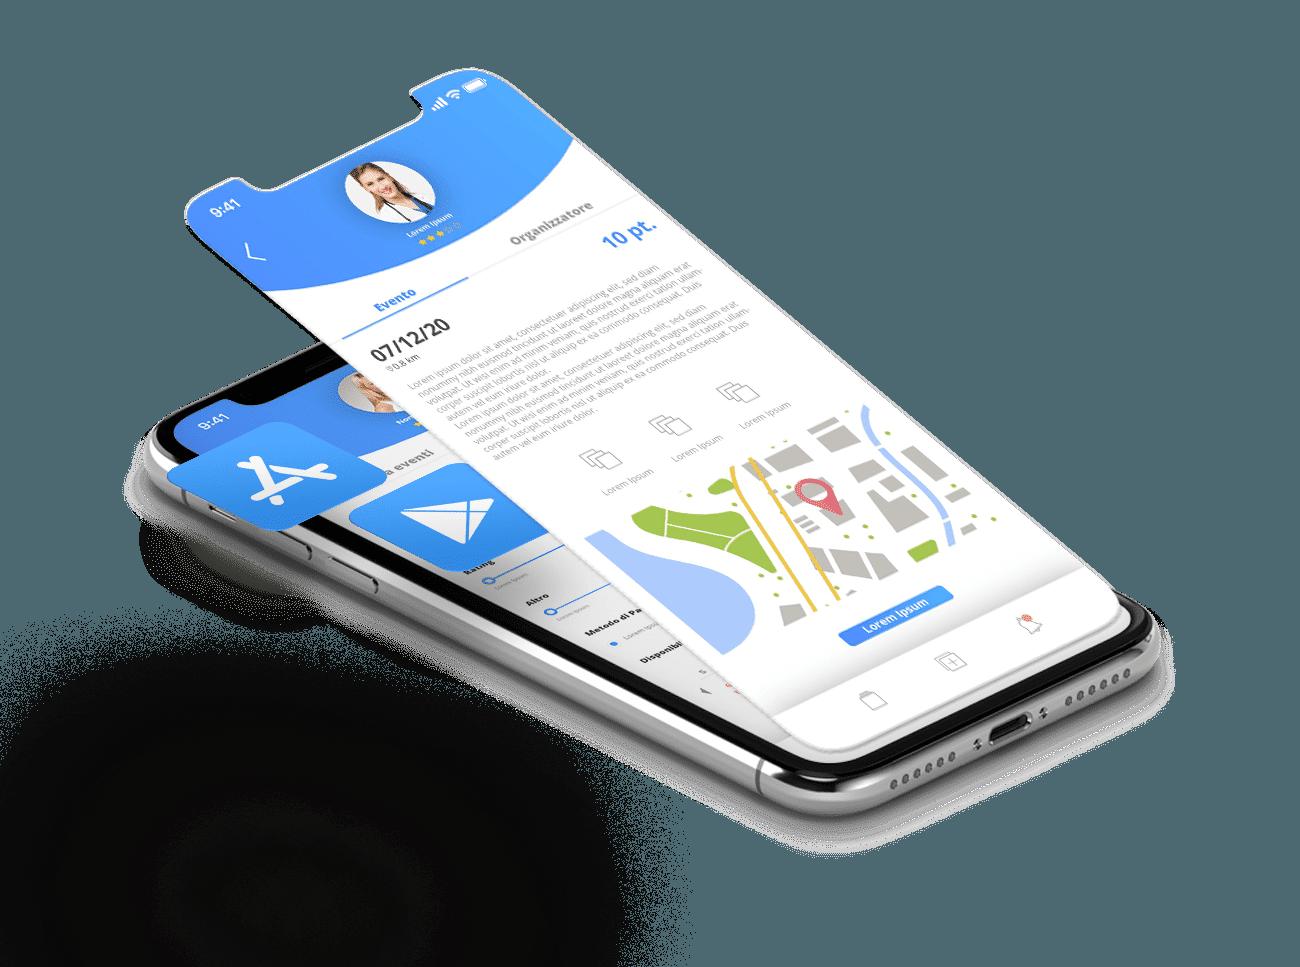 caricamento sugli stor ios e android dell'applicazione